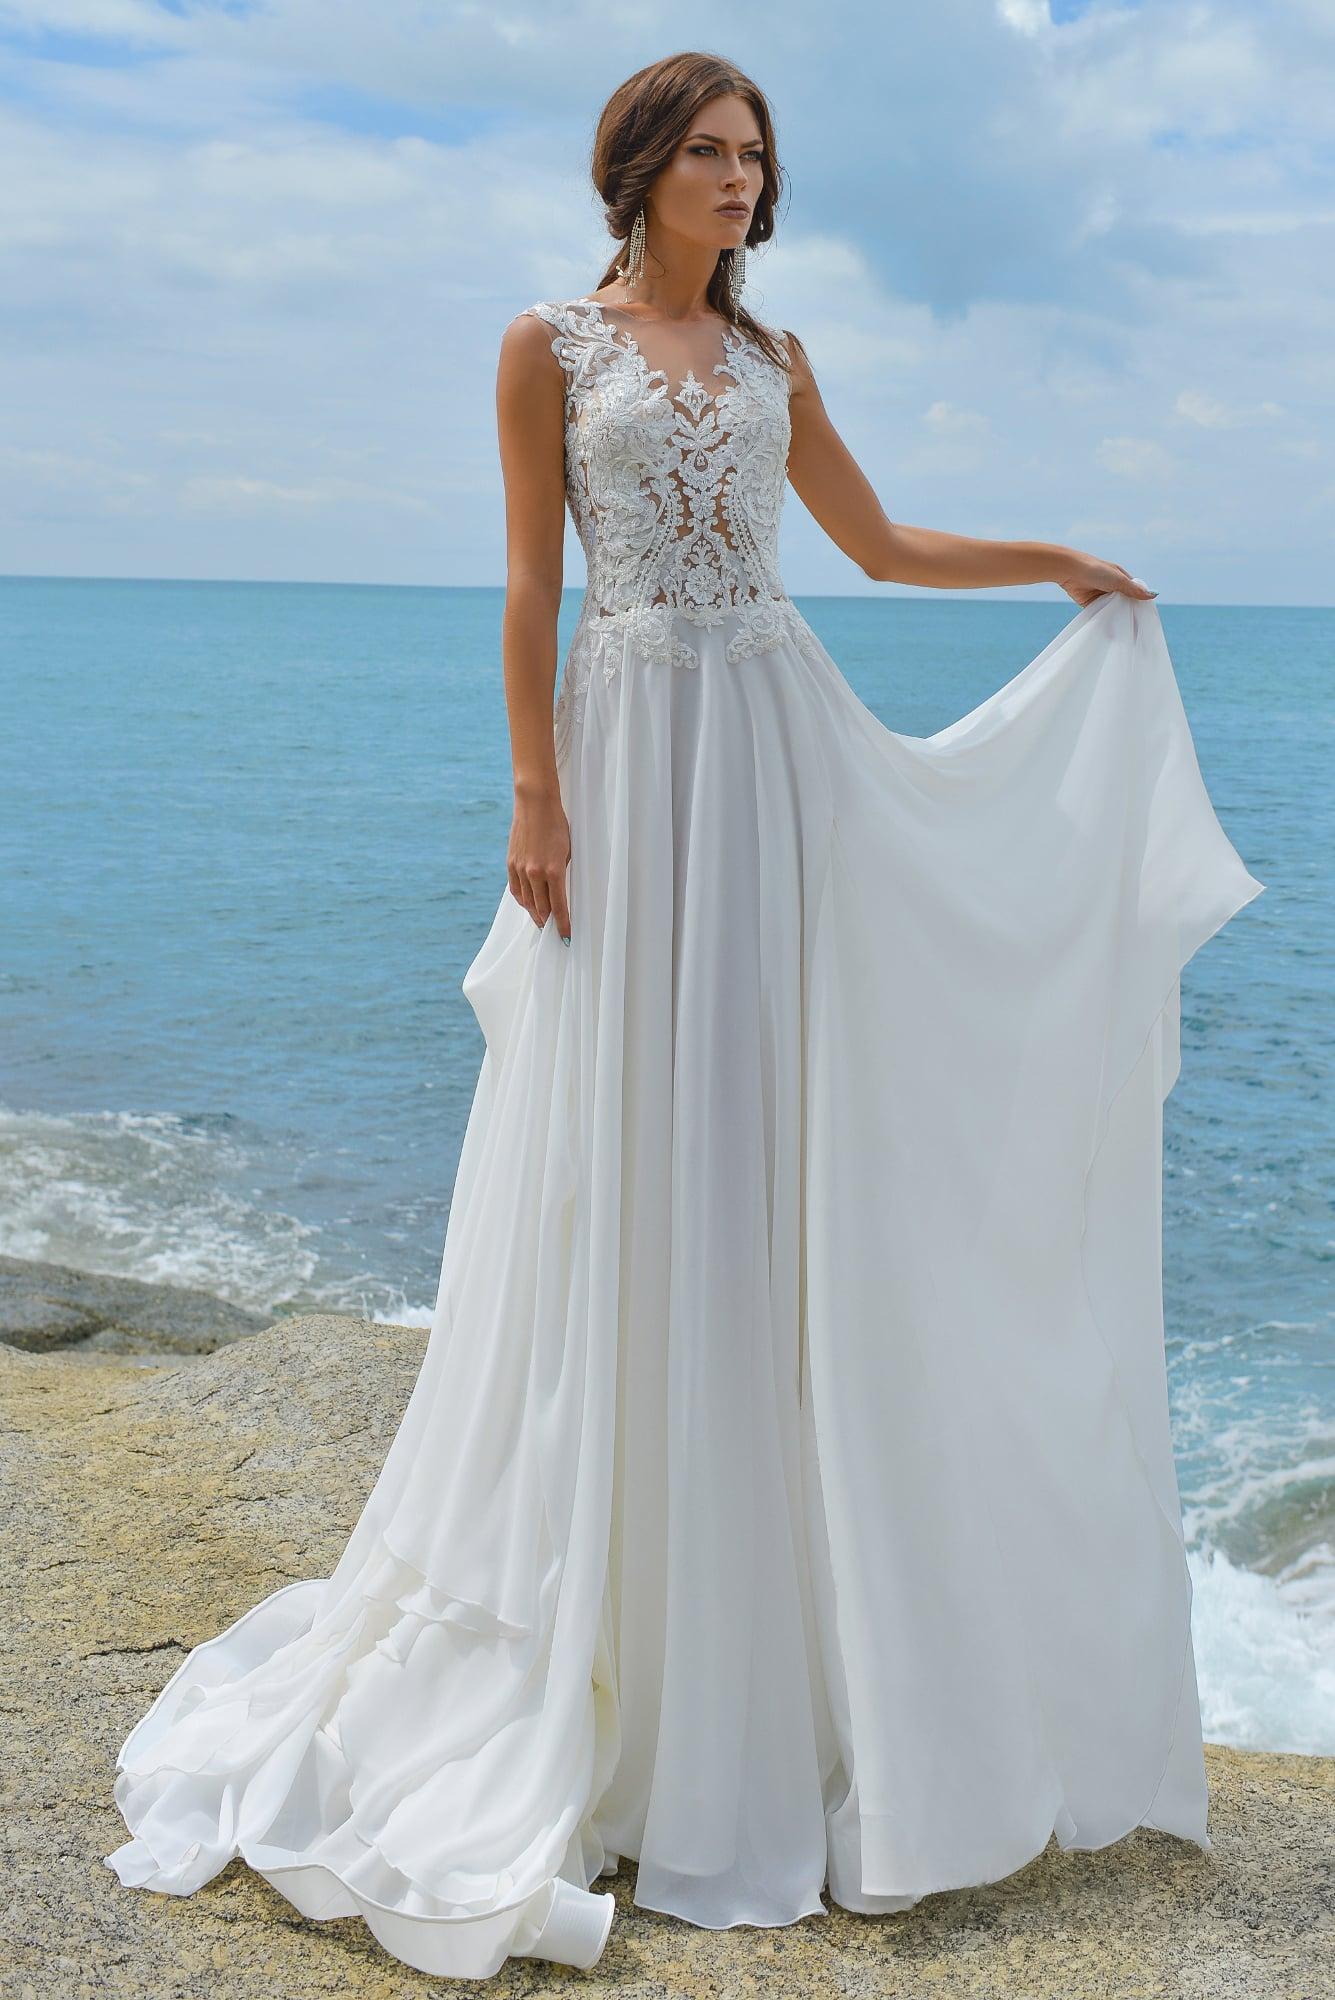 69b1d1e9a37 Свадебное платье Strekkoza Felomena ▷ Свадебный Торговый Центр Вега ...